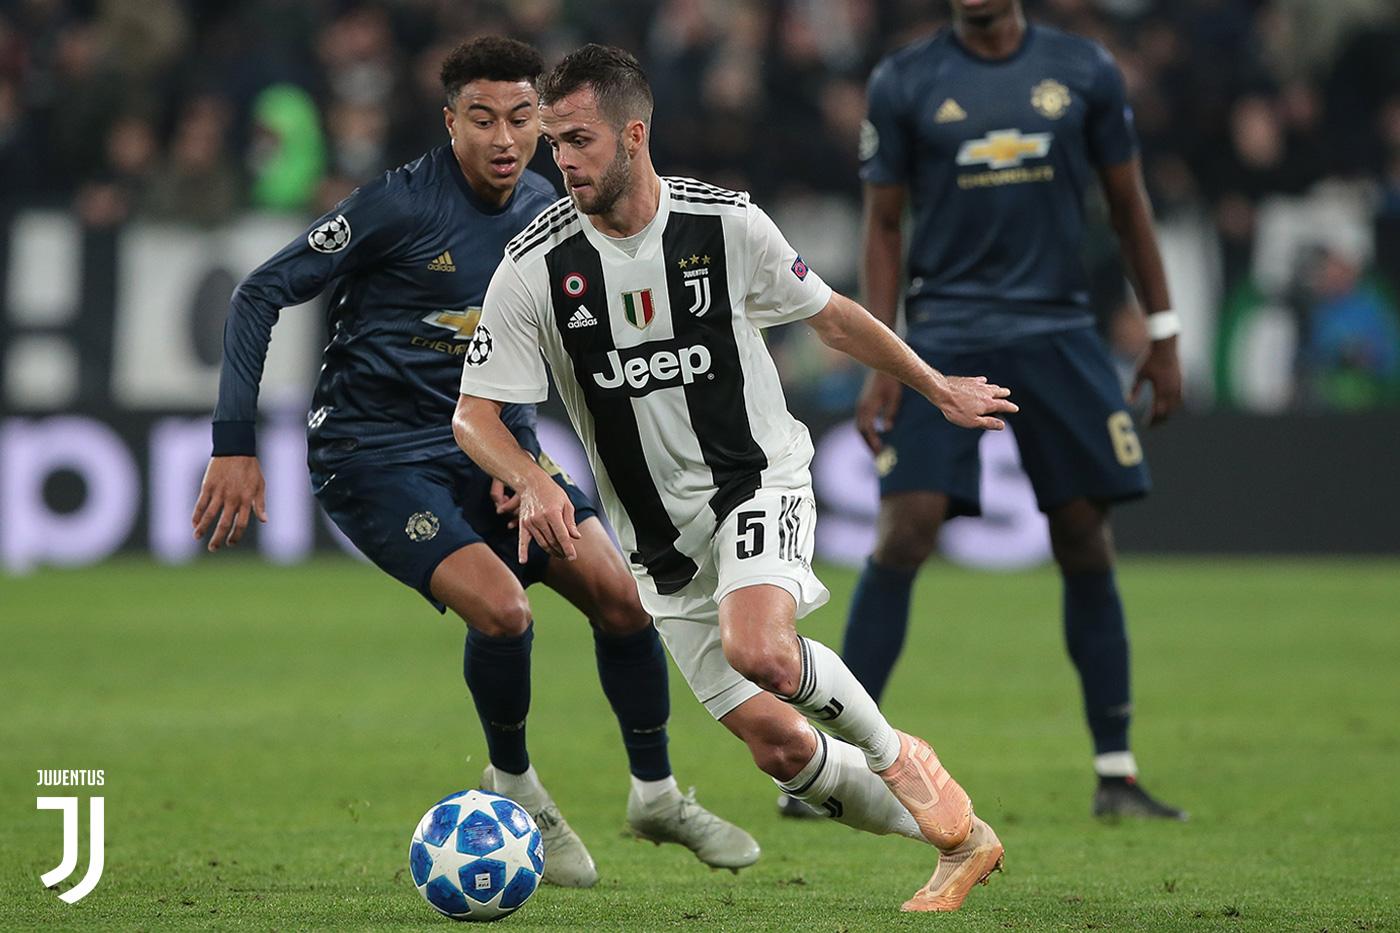 CALCIO Juventus-Manchester United 1-2